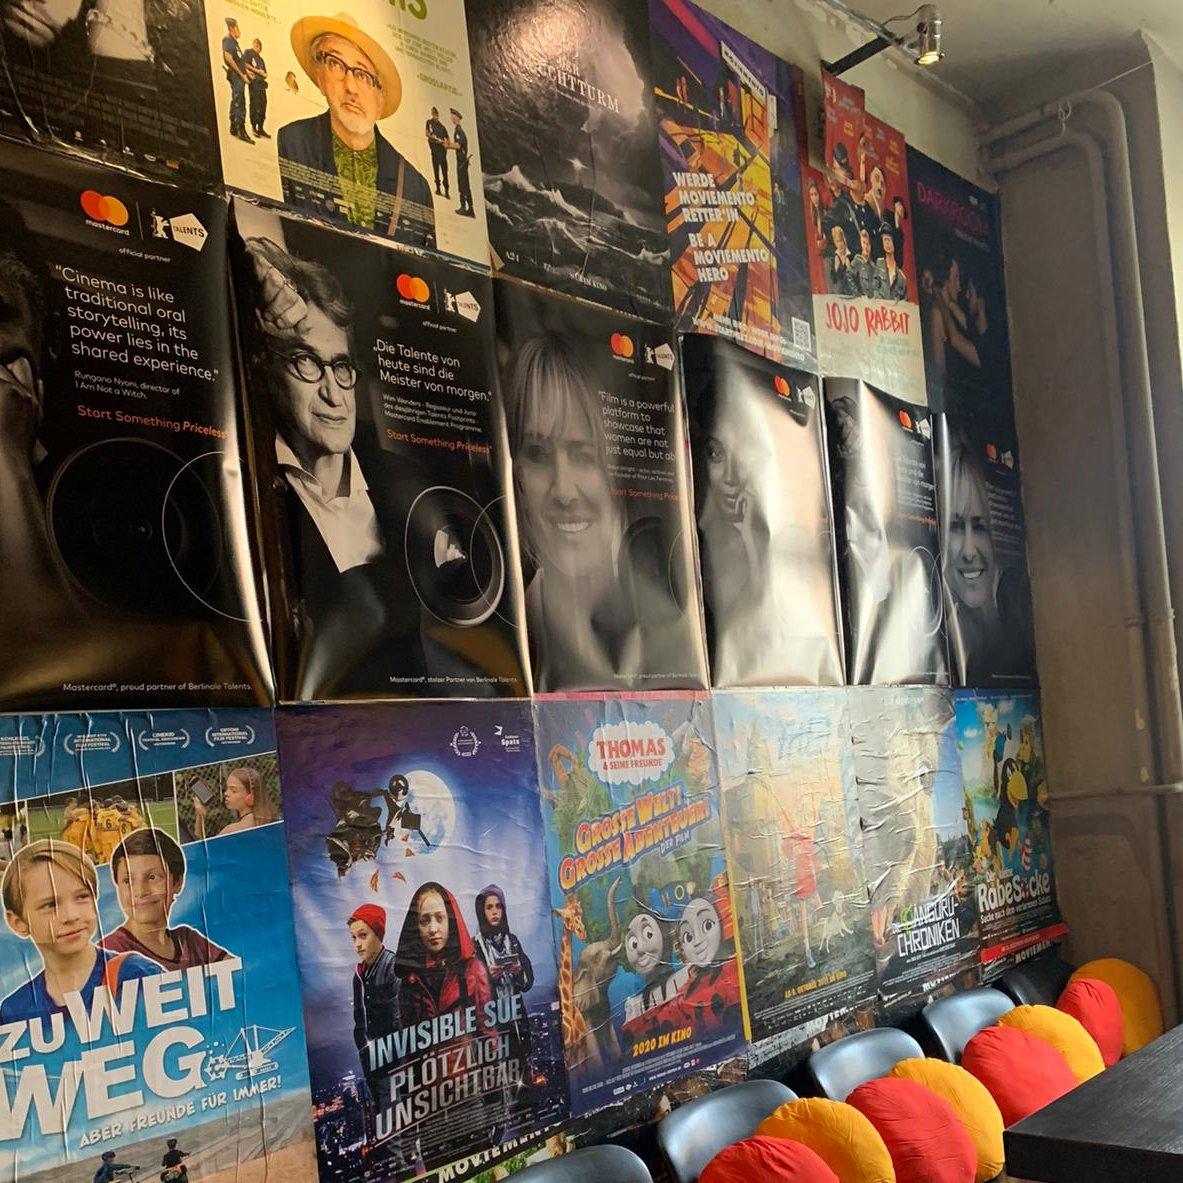 """.@schmitzengels """"Warum wir uns für #MoviementoHero engagieren? #Mastercard unterstützt seit Jahren Kino und Kinokultur, wir sind Partner der @Berlinale und agieren als Global Player immer mit lokalem Ansatz - in unserem Kernbusiness und bei Initiativen, die wir unterstützen""""pic.twitter.com/NBeAORRZai"""